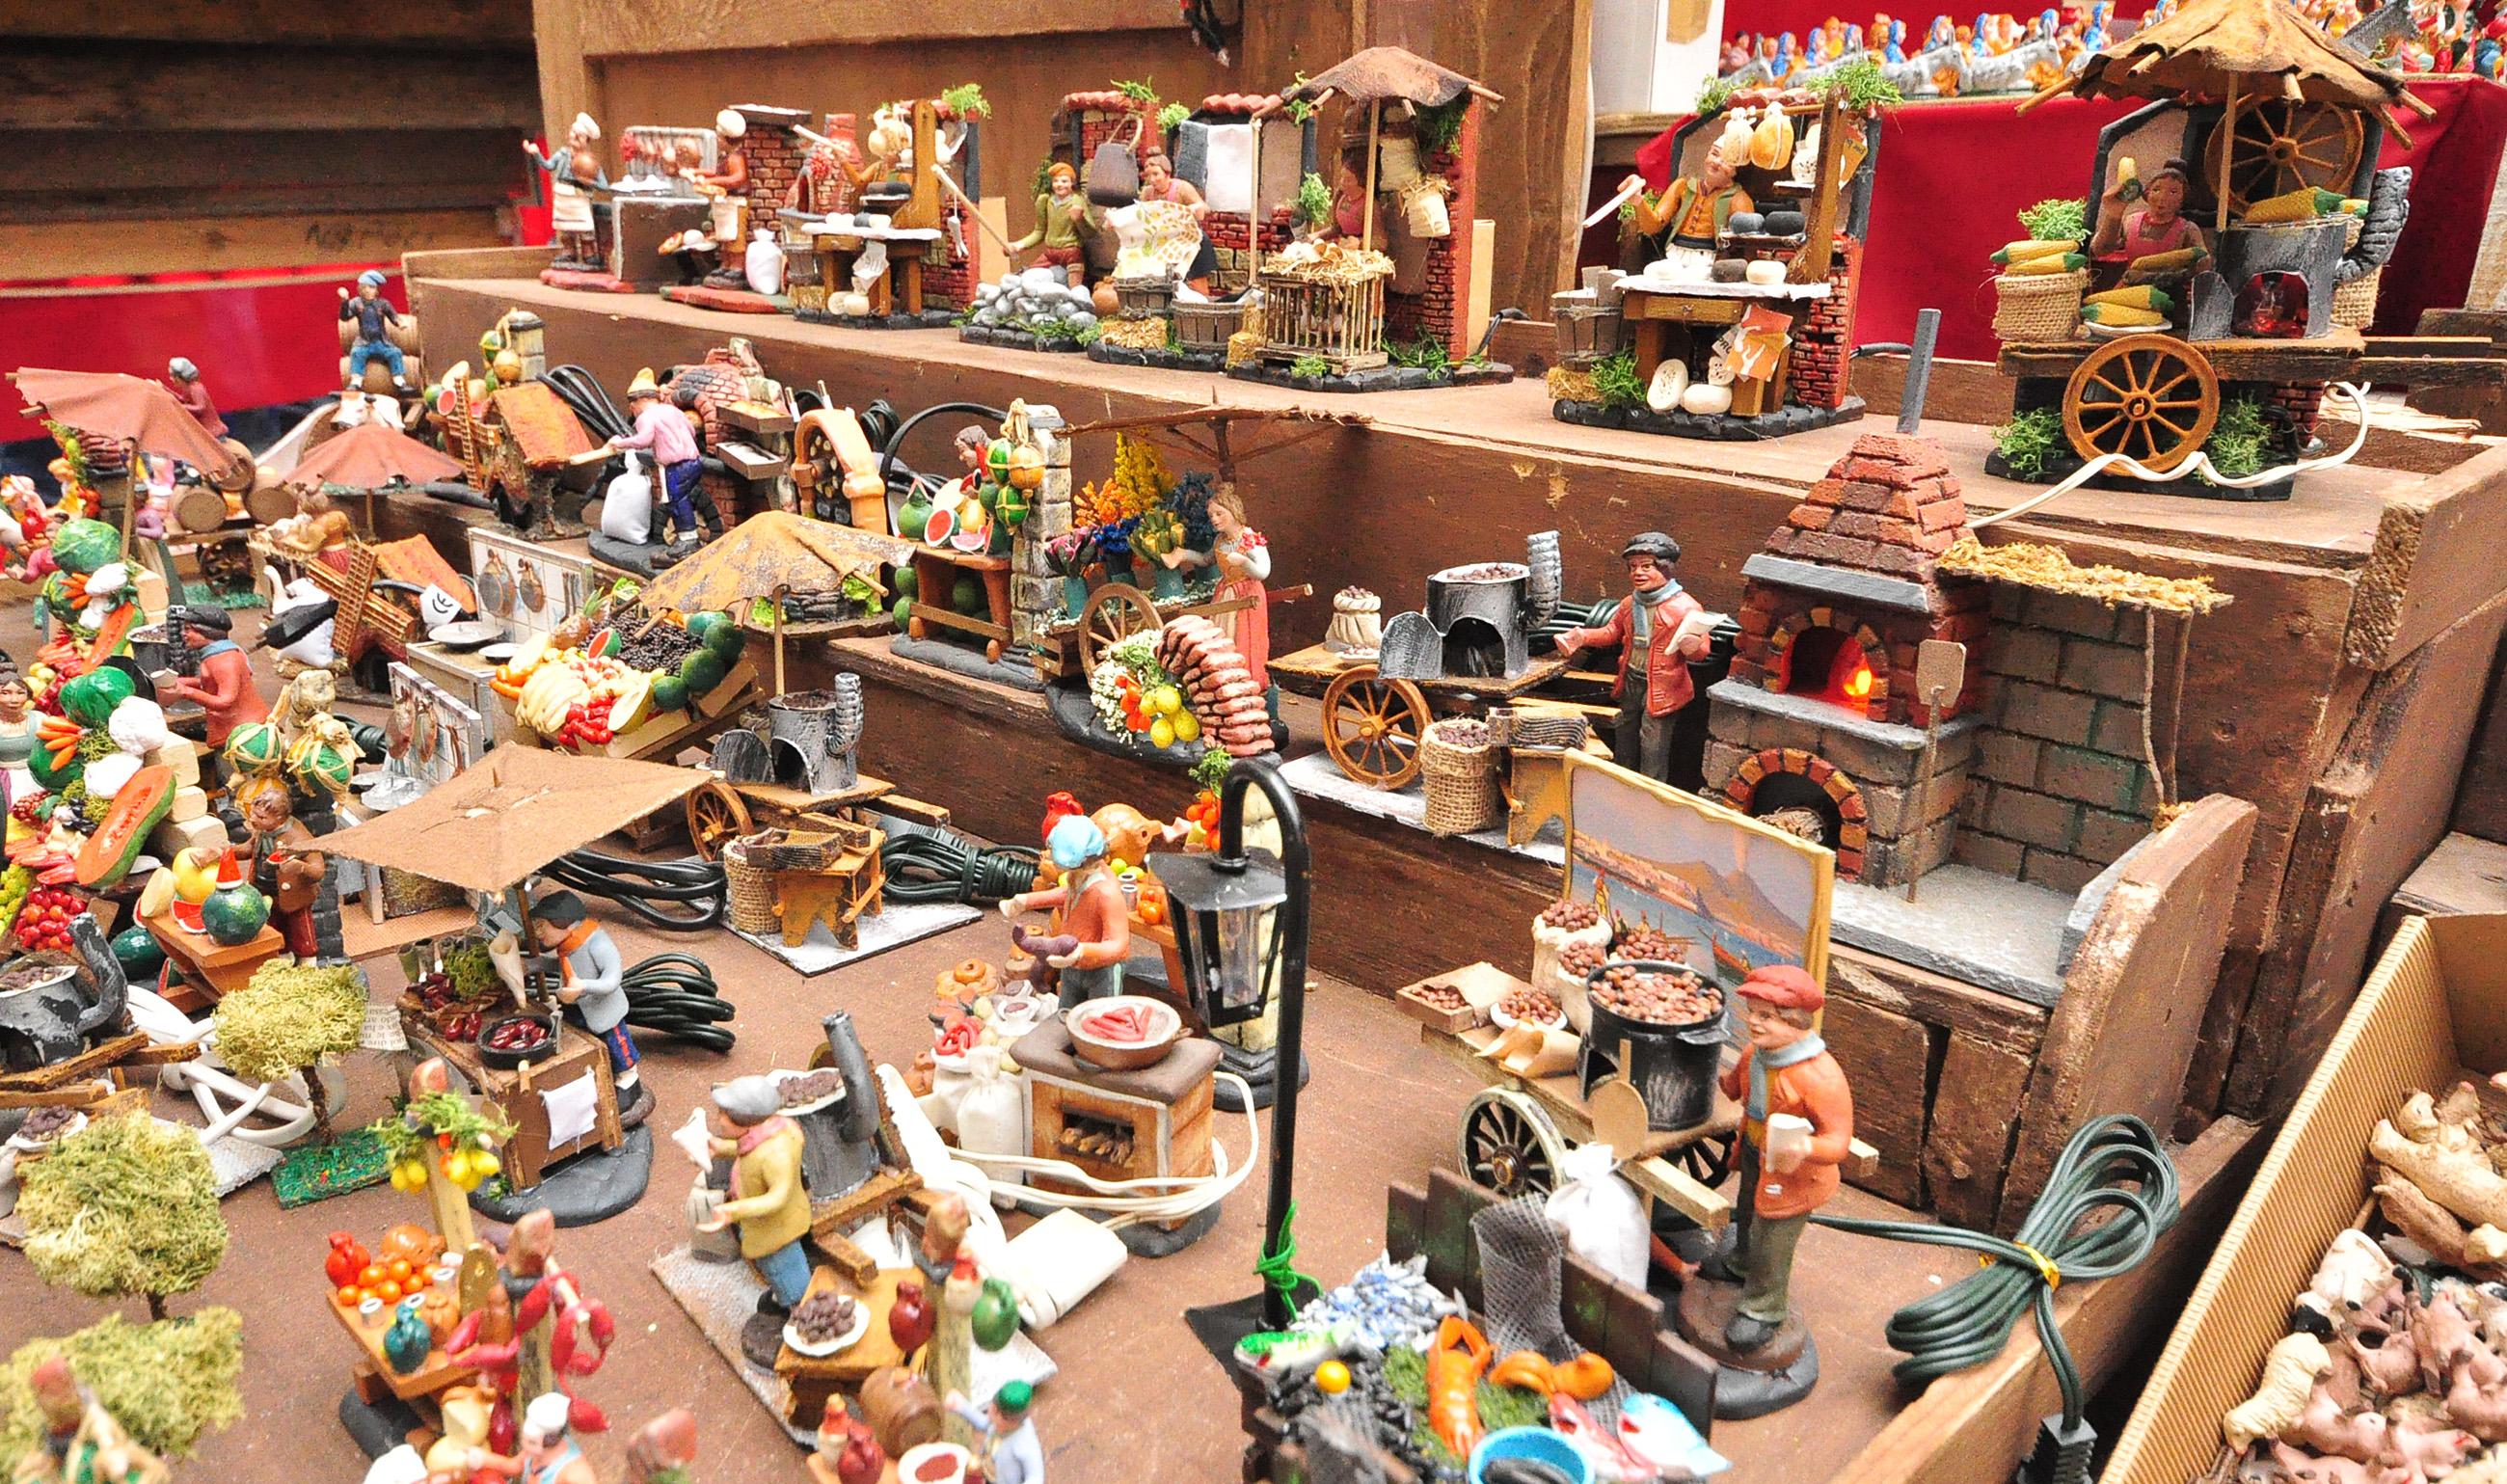 Trentino Alto Adige Artigianato i mercatini di natale del bel paese - blog de logitravel